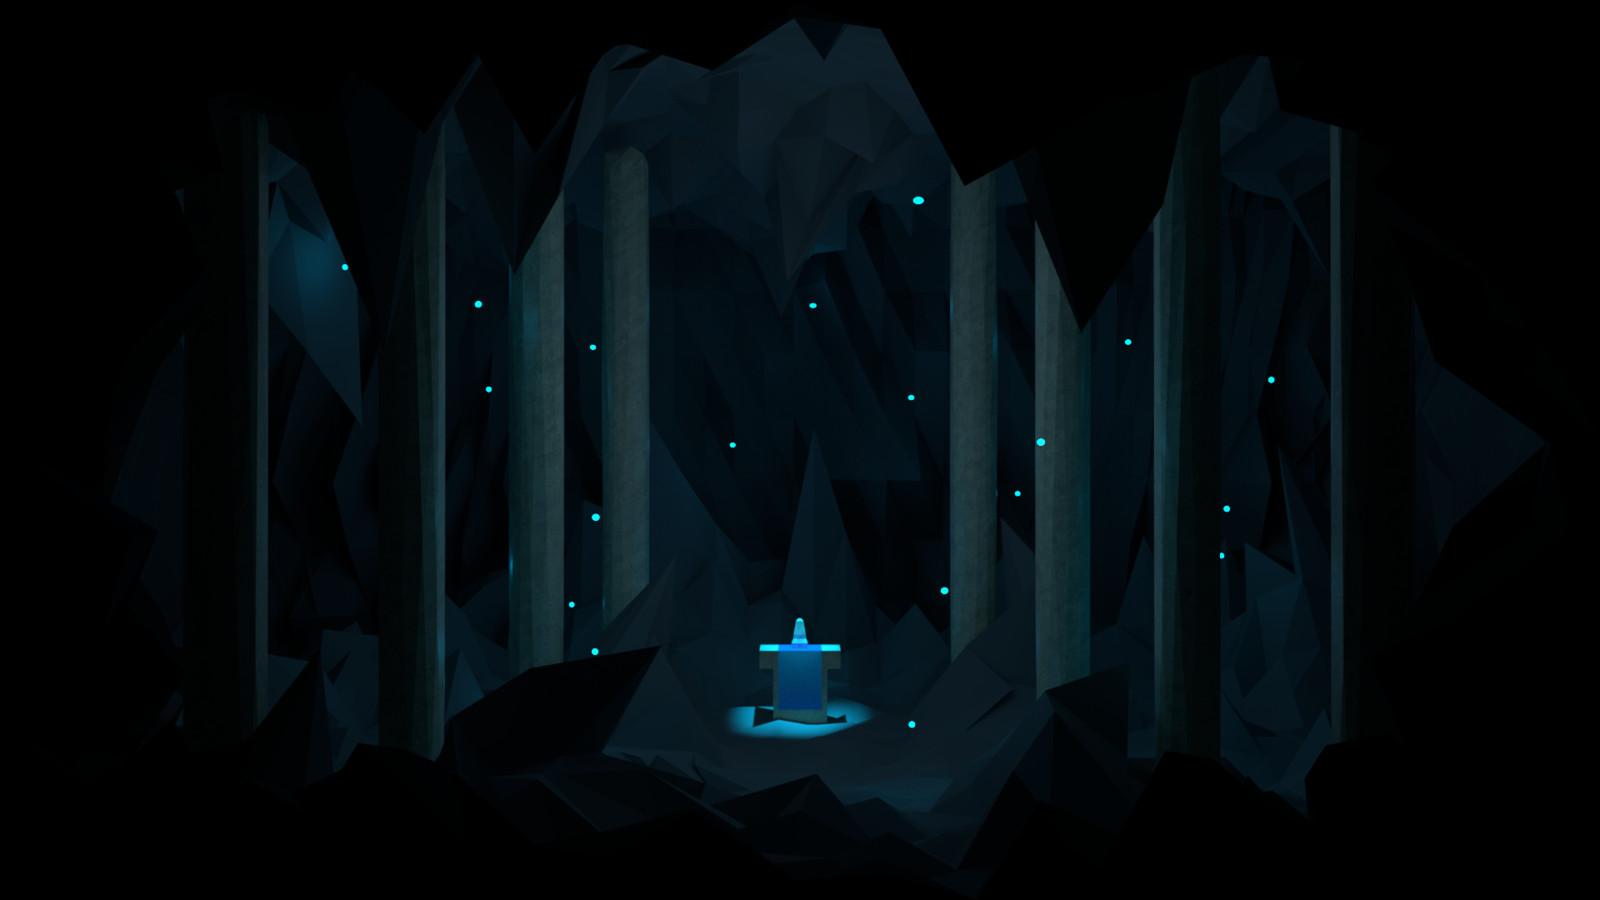 Poseidon Cave